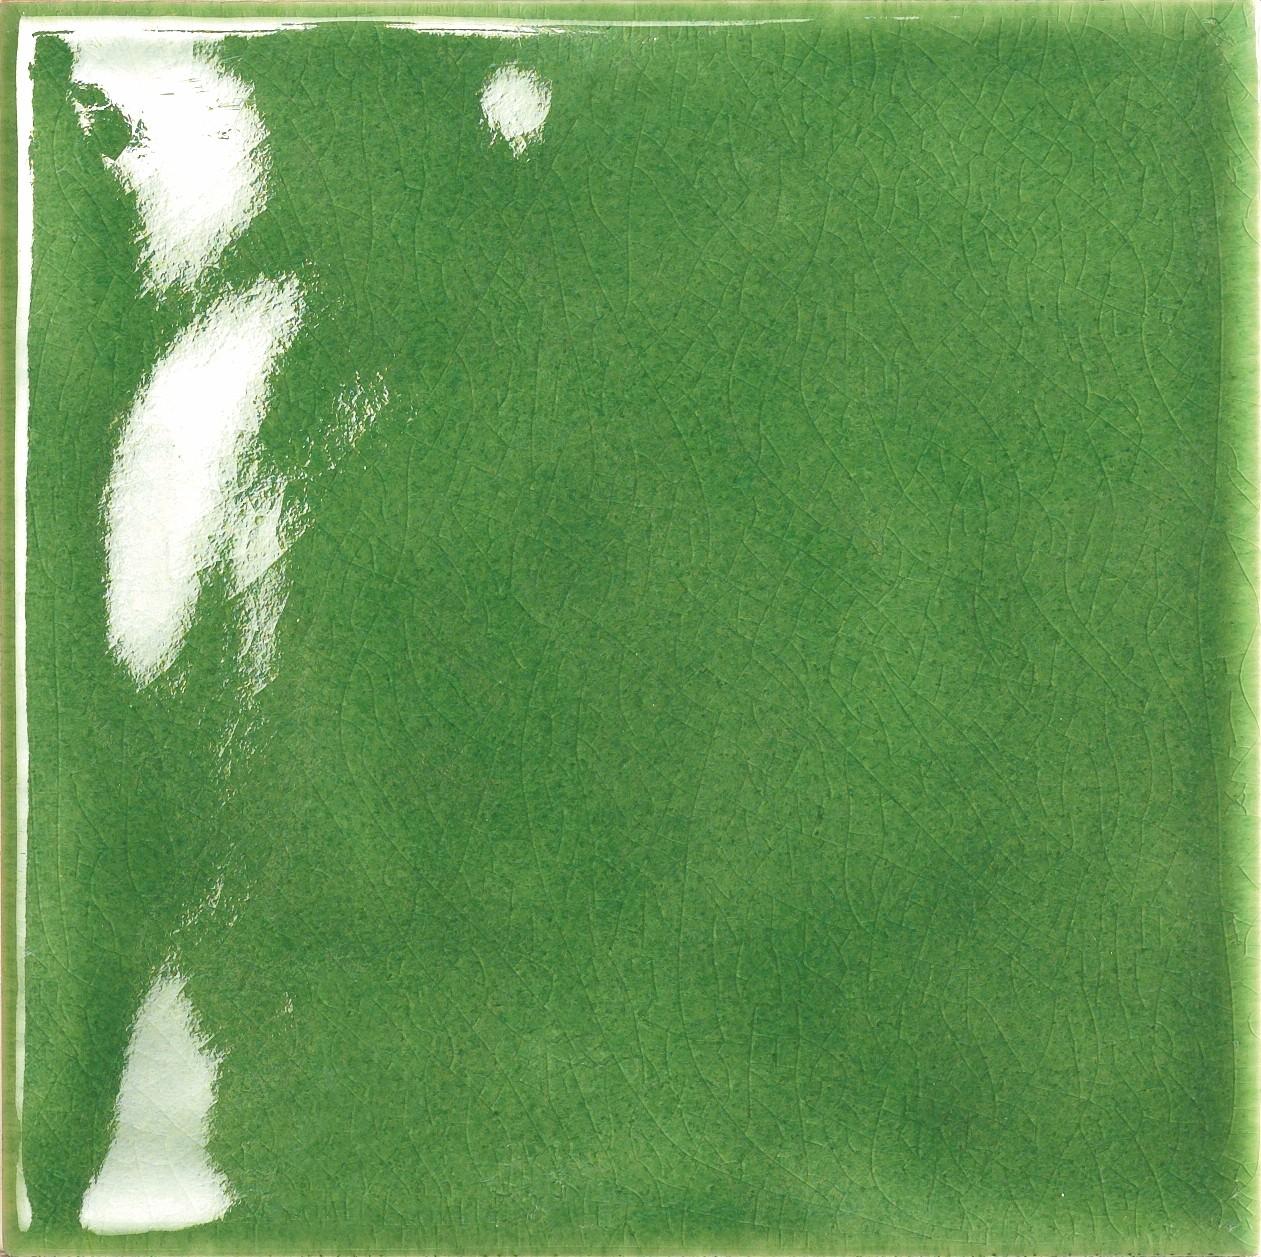 Tonalite Krakle Erba 15x15 см